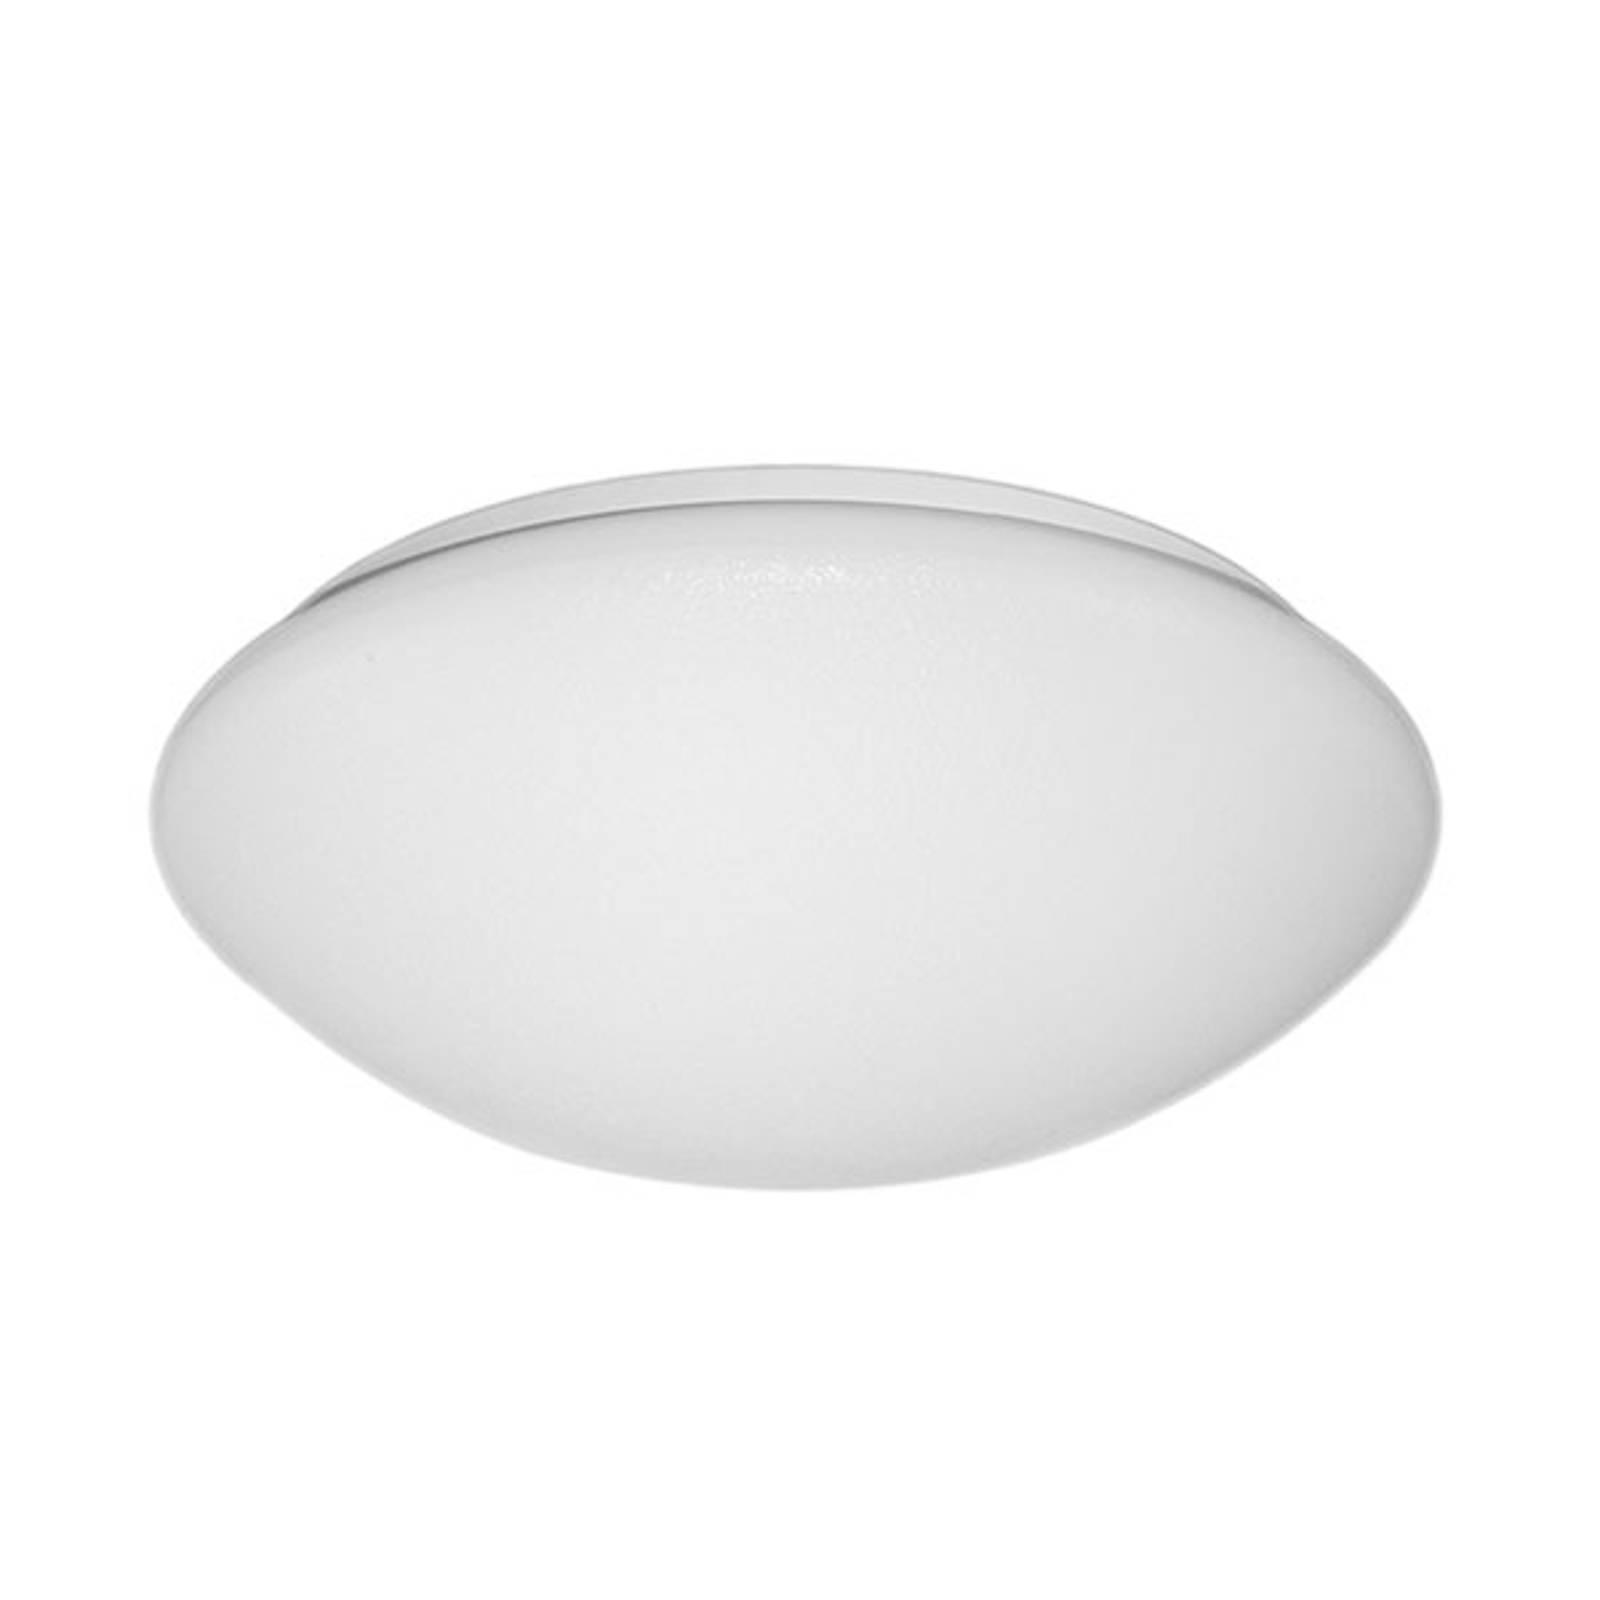 LED-Deckenleuchte schlagfest 27 W, 3.000 K